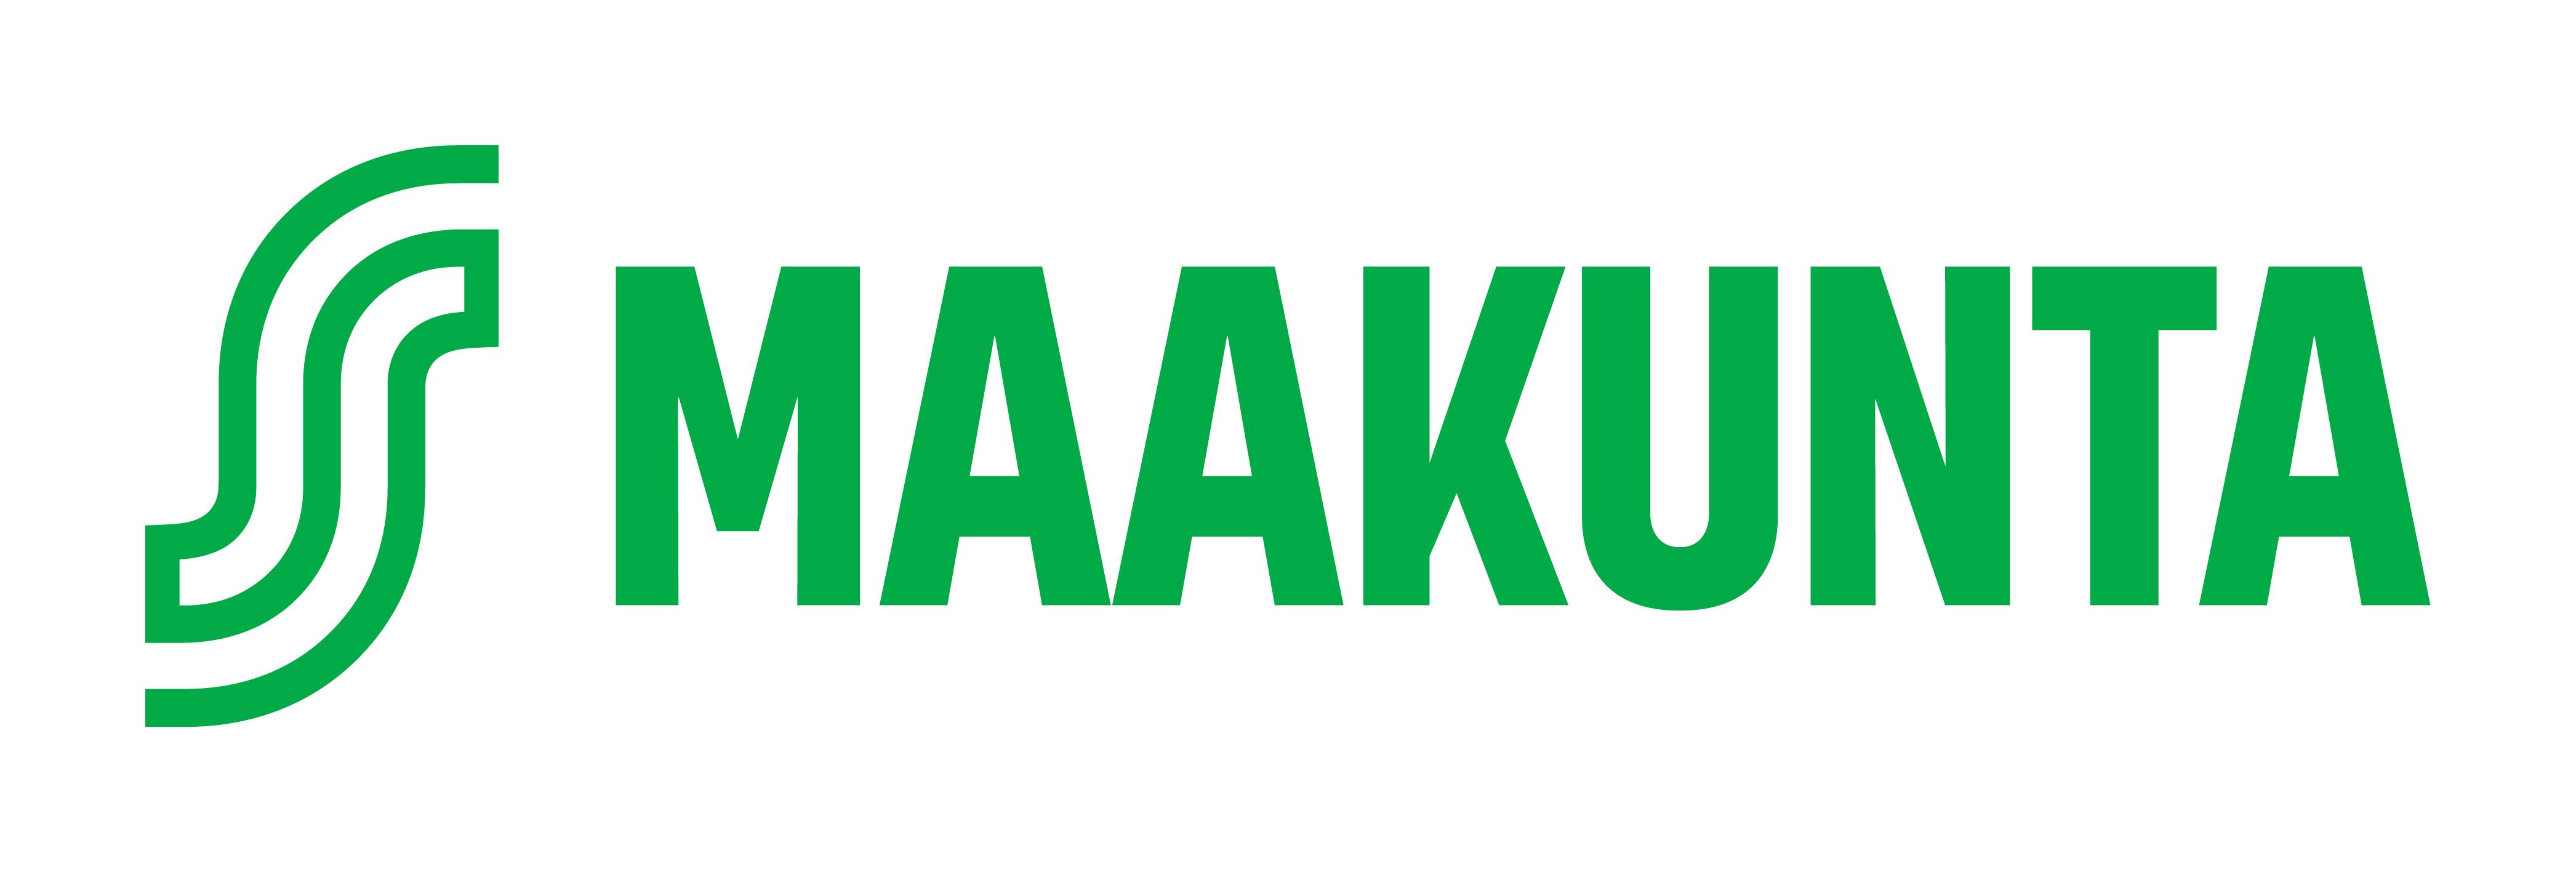 Logo: Osuuskauppa Maakunta